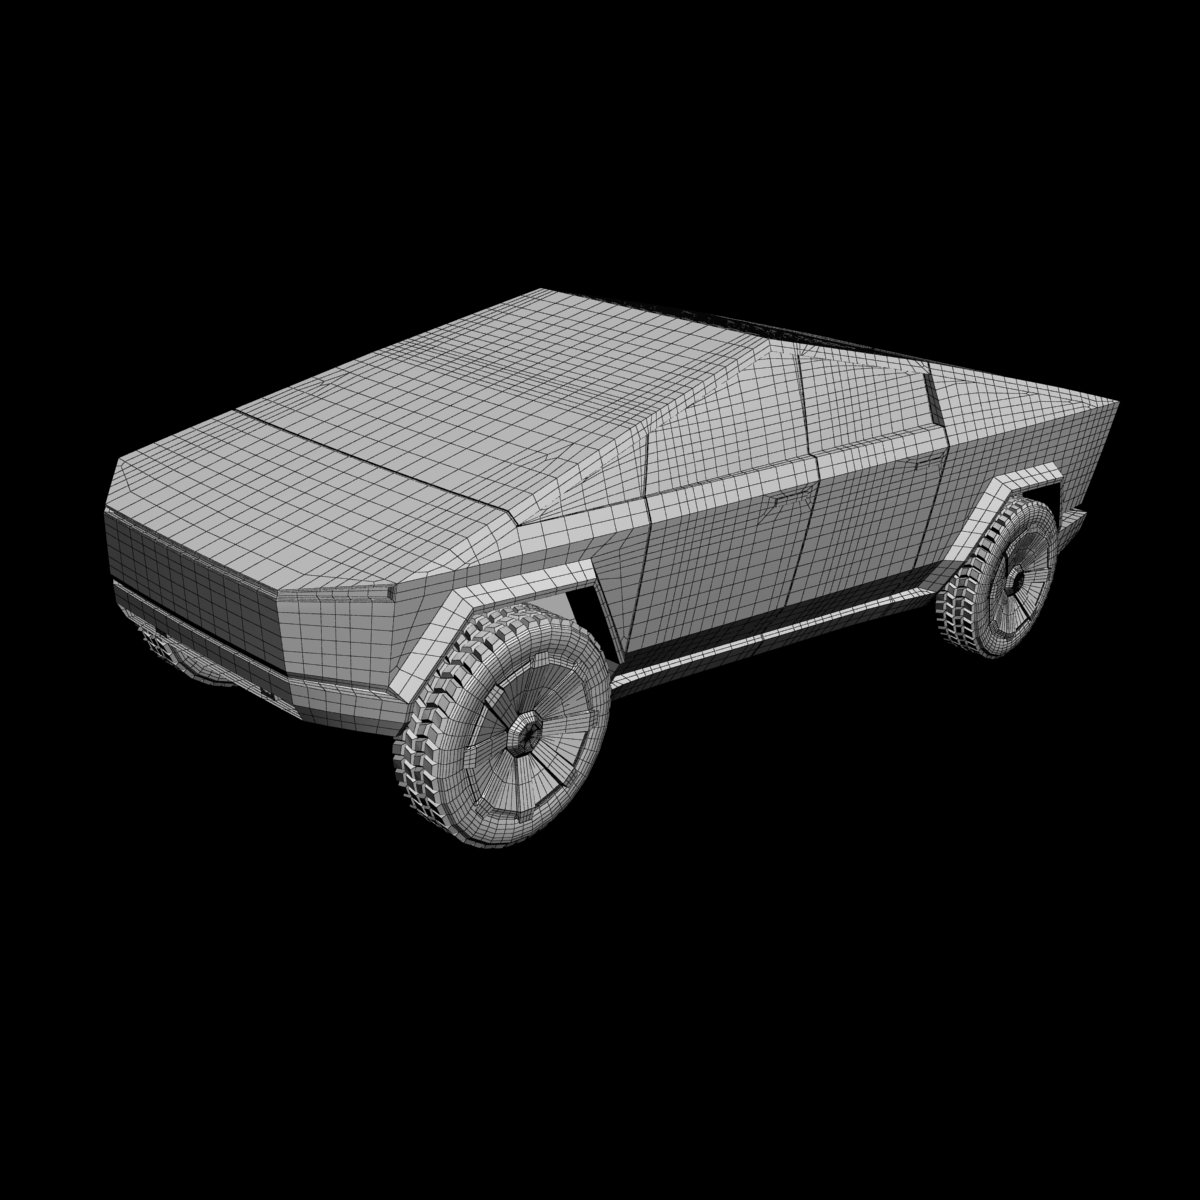 Tesla Cybertruck 3D Print model 3D Model in Royal Cars ...